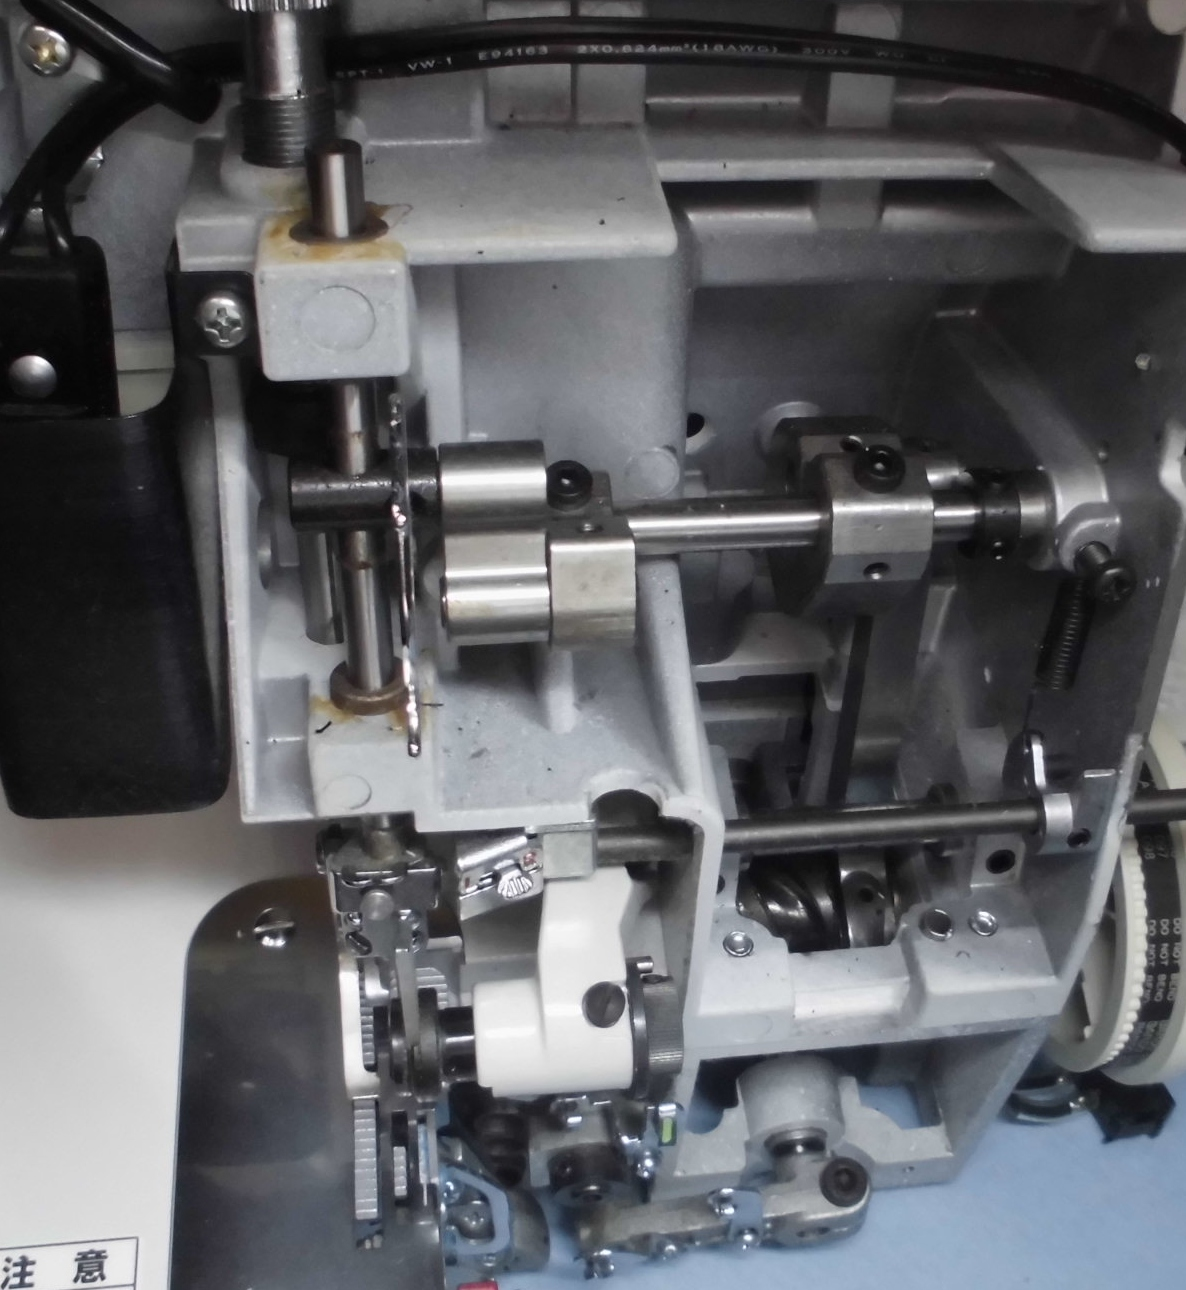 BL4-828DFの分解オーバーホールメンテナンス ジューキベビーロックミシン